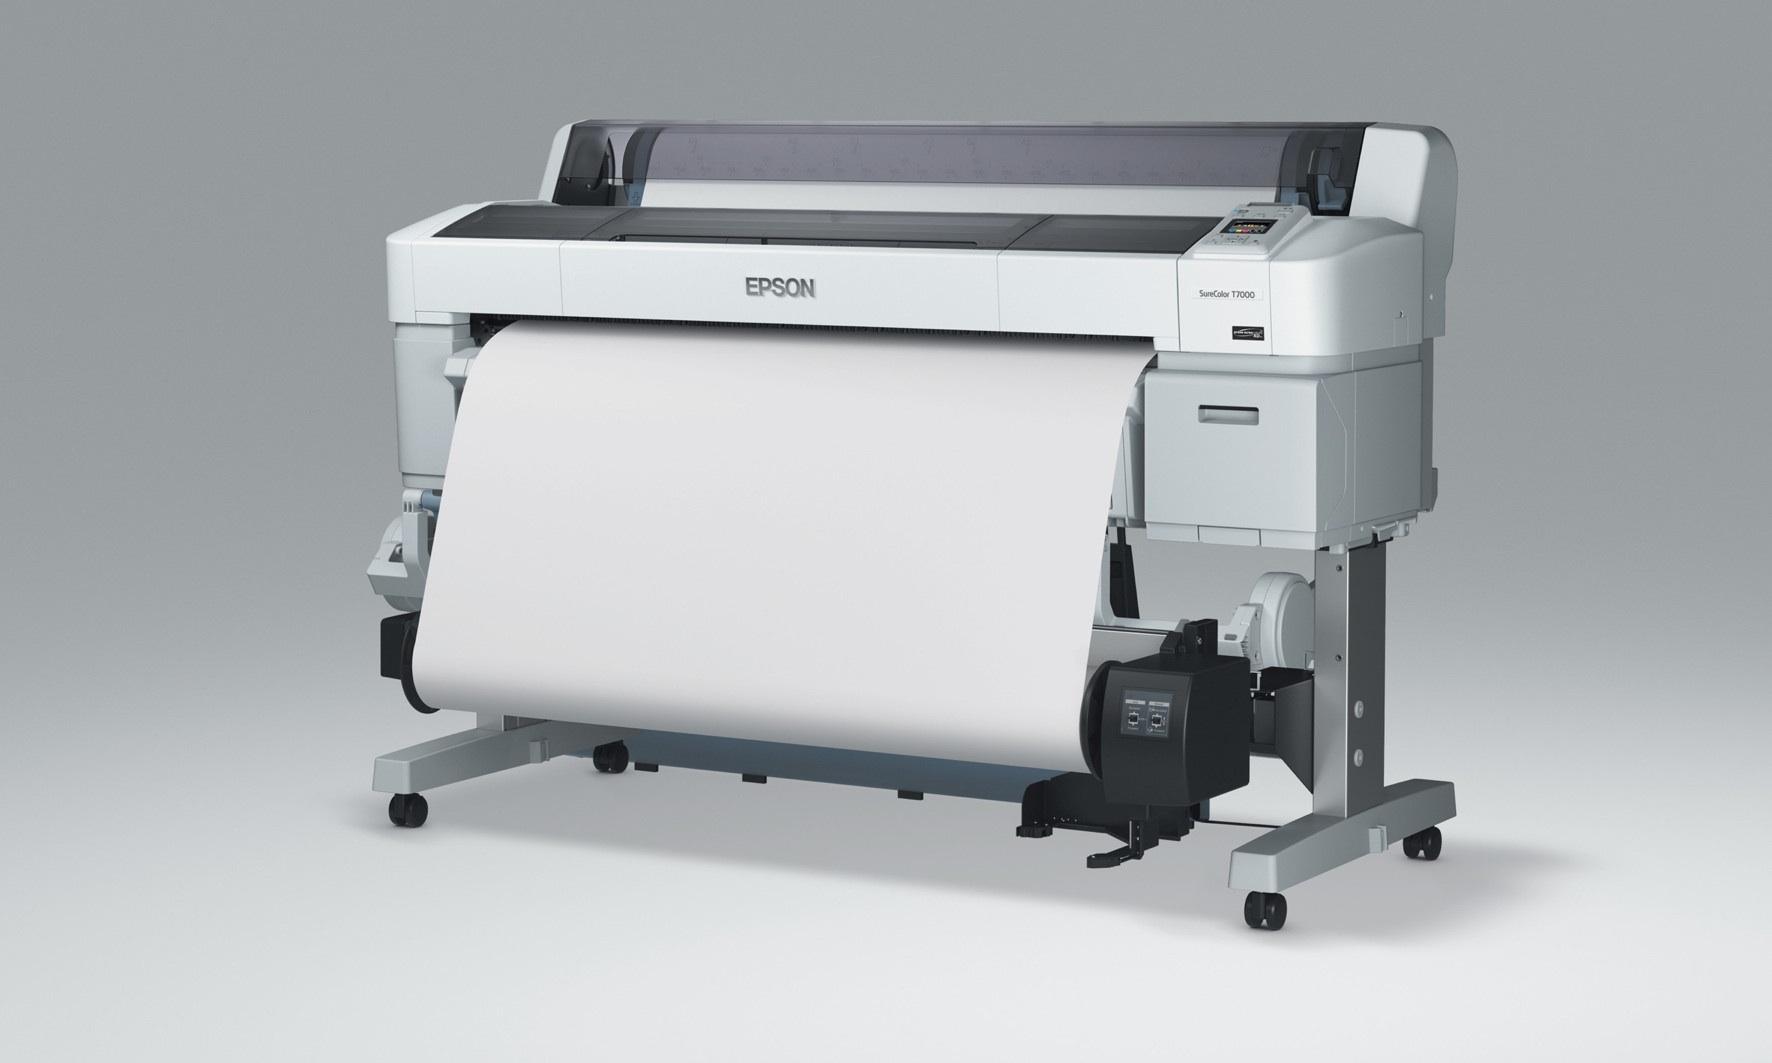 New Epson T7000